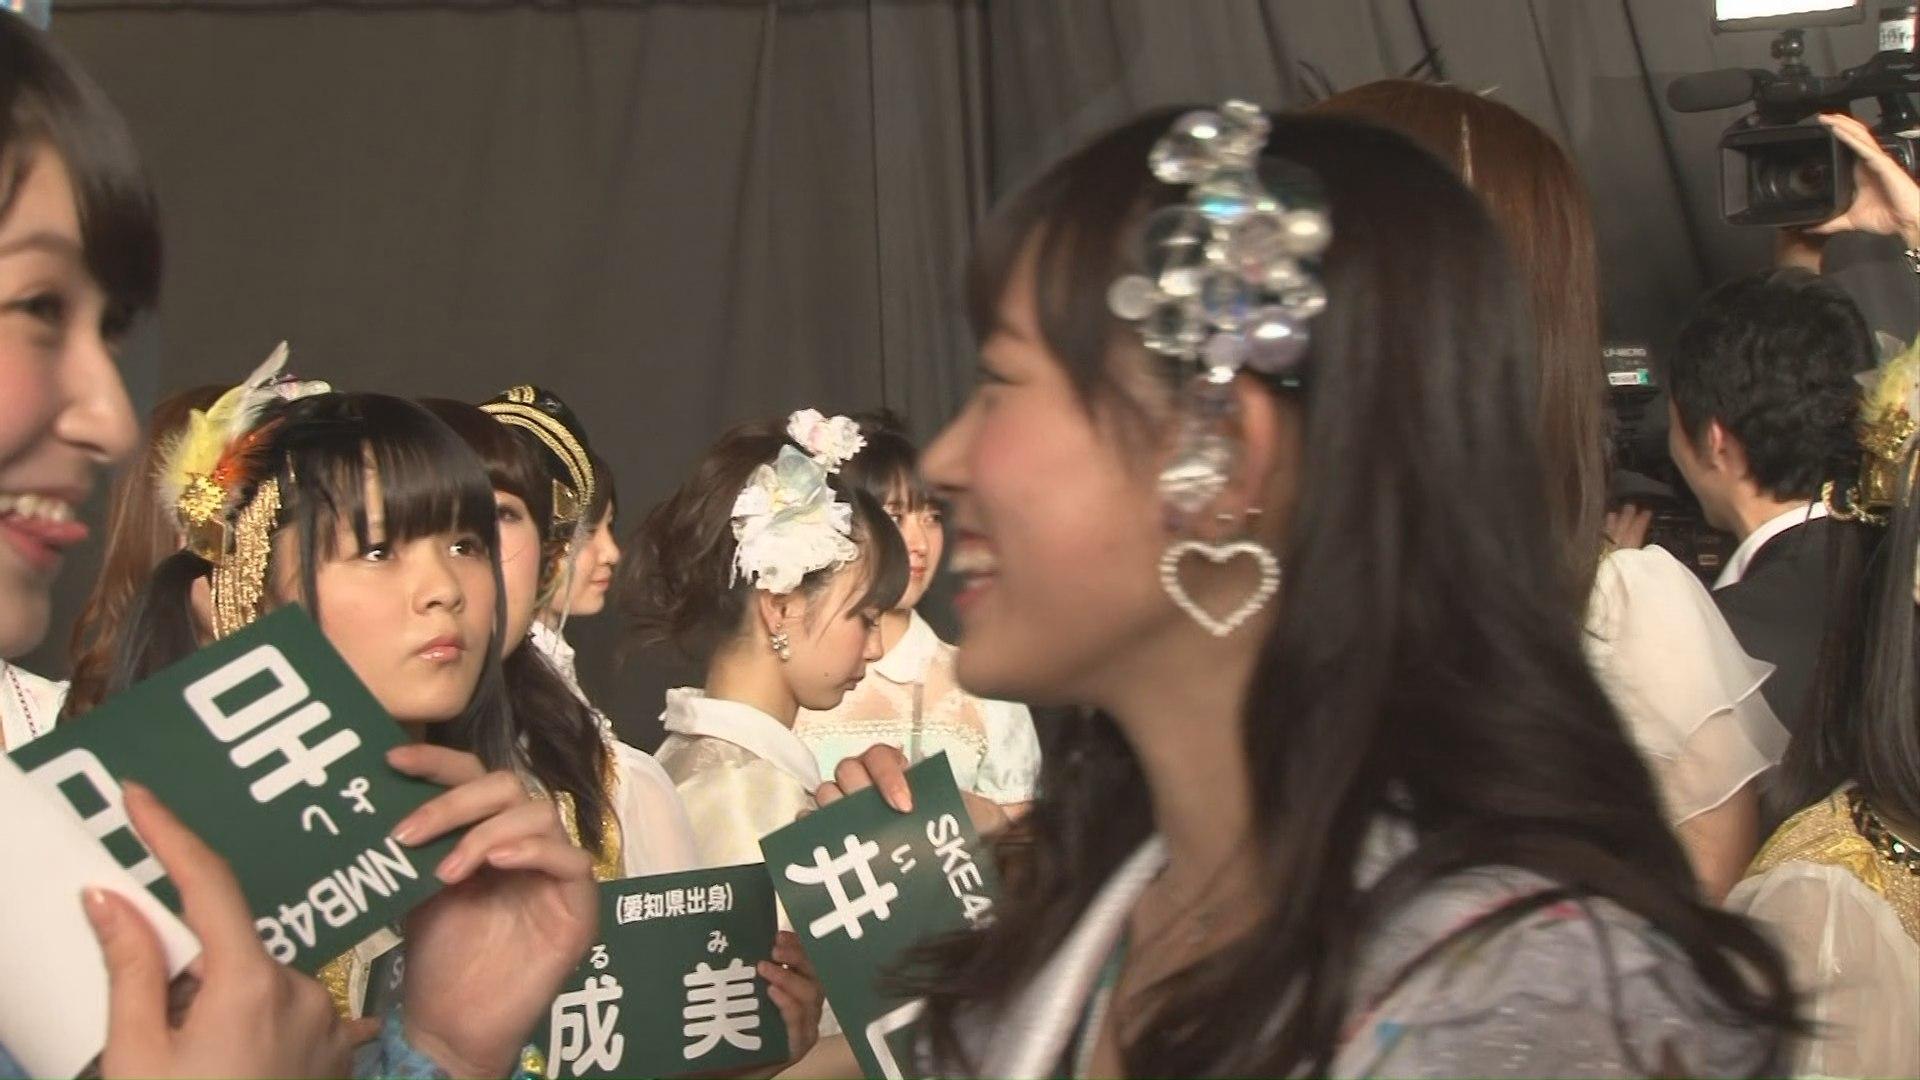 メイキング AKB48 32ndシングル選抜総選挙【AKB48スーパーフェスティバル ~ 日産スタジアム、小(ち)っちぇっ ! 小(ち)っちゃくないし !! ~(Blu,ray Disc3)】